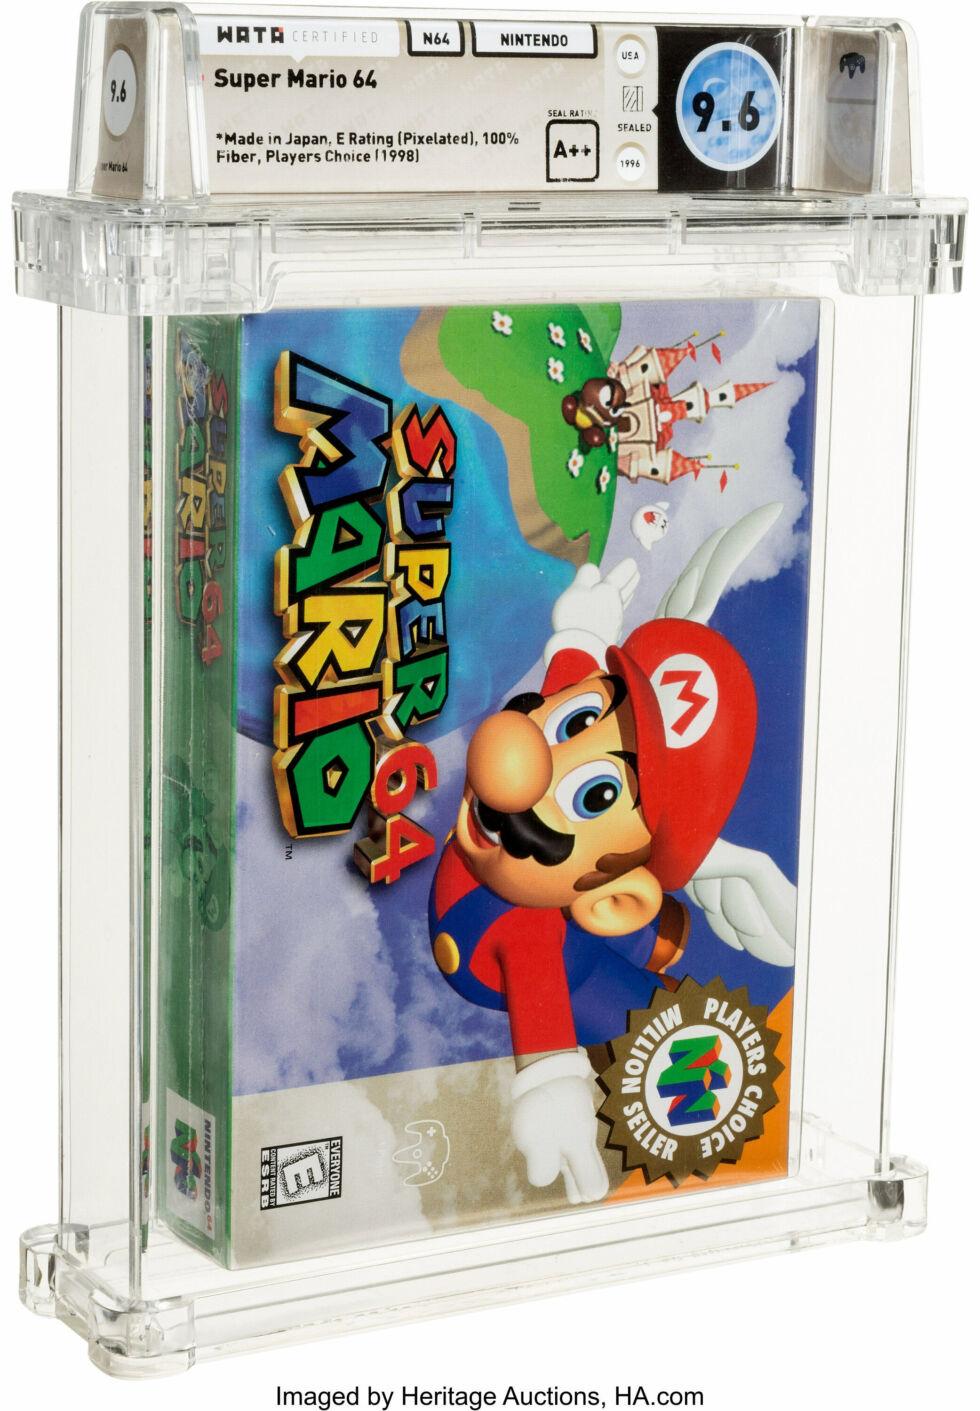 Та самая копия Super Mario 64, проданная за $1,56 миллиона. Оценка Wata Games — 9,6